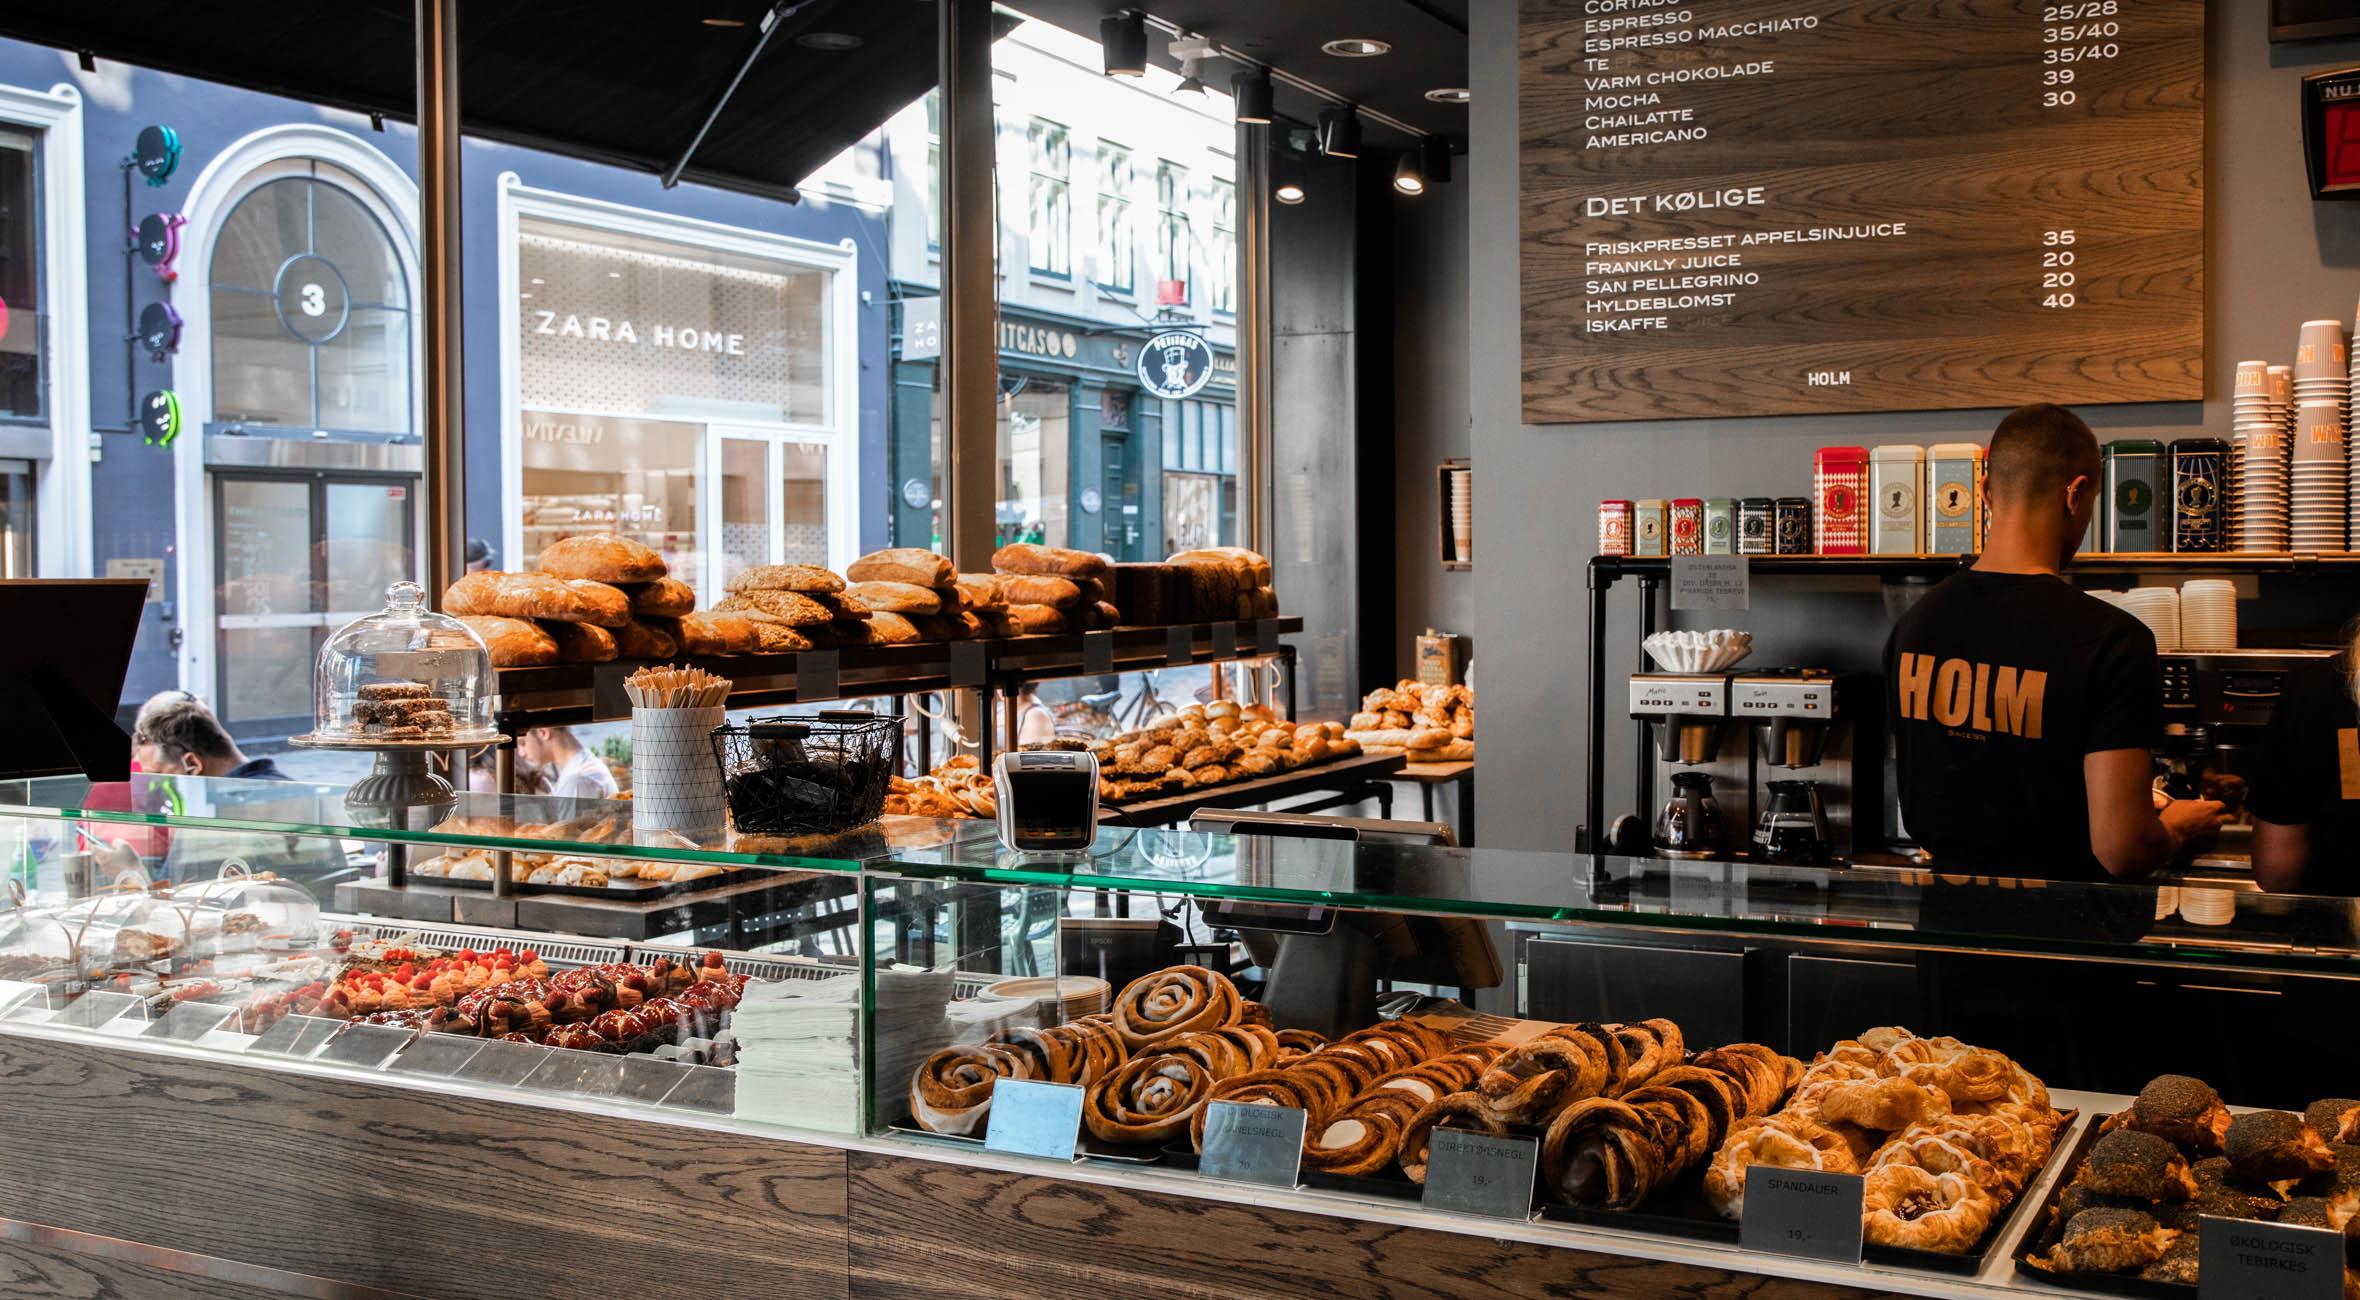 Frit valg til alt hos Holms Bager i ILLUM, på Frederiksberg og Amager – Få alt fra jordbærtærter til tebirkes, træstammer, smørbagte croissanter og surdejsbrød m.m.